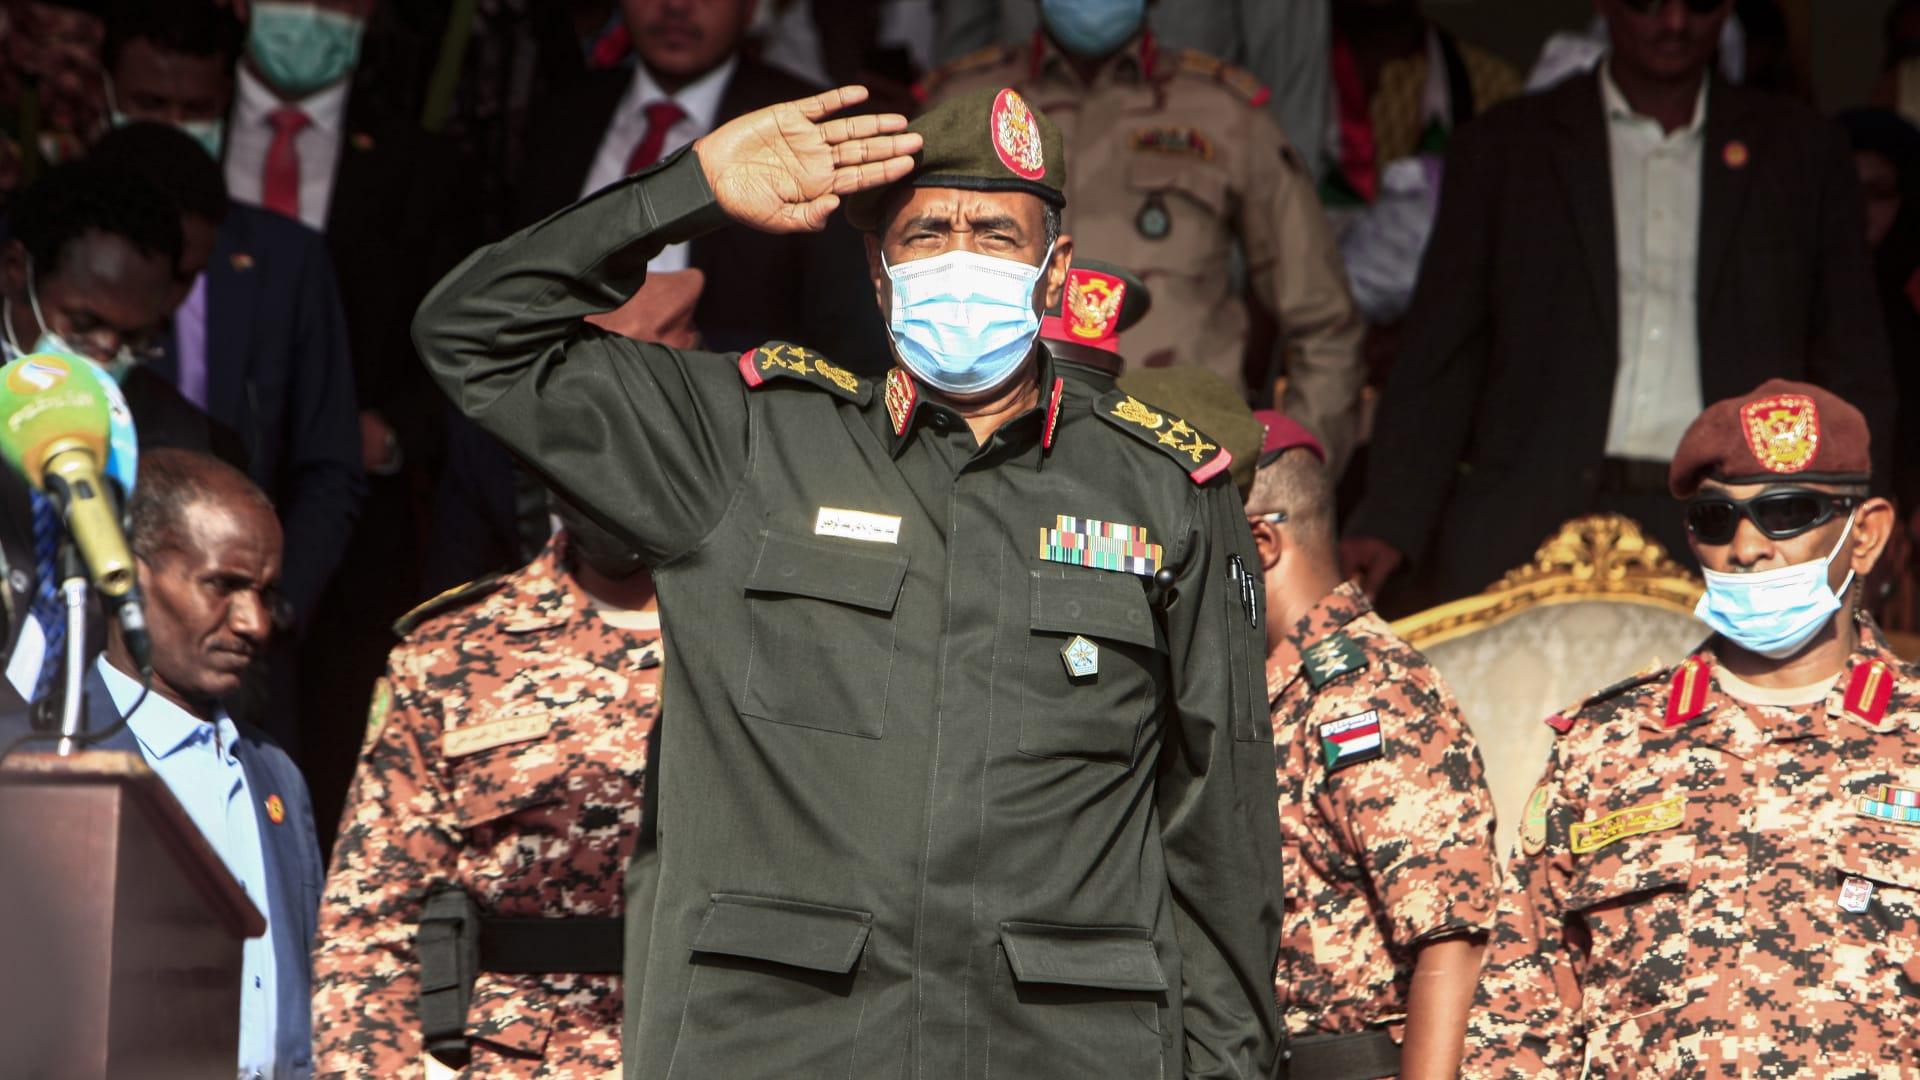 السودان.. الجيش والحكومة يعلنان إحباط محاولة انقلاب والقبض على المنفذين